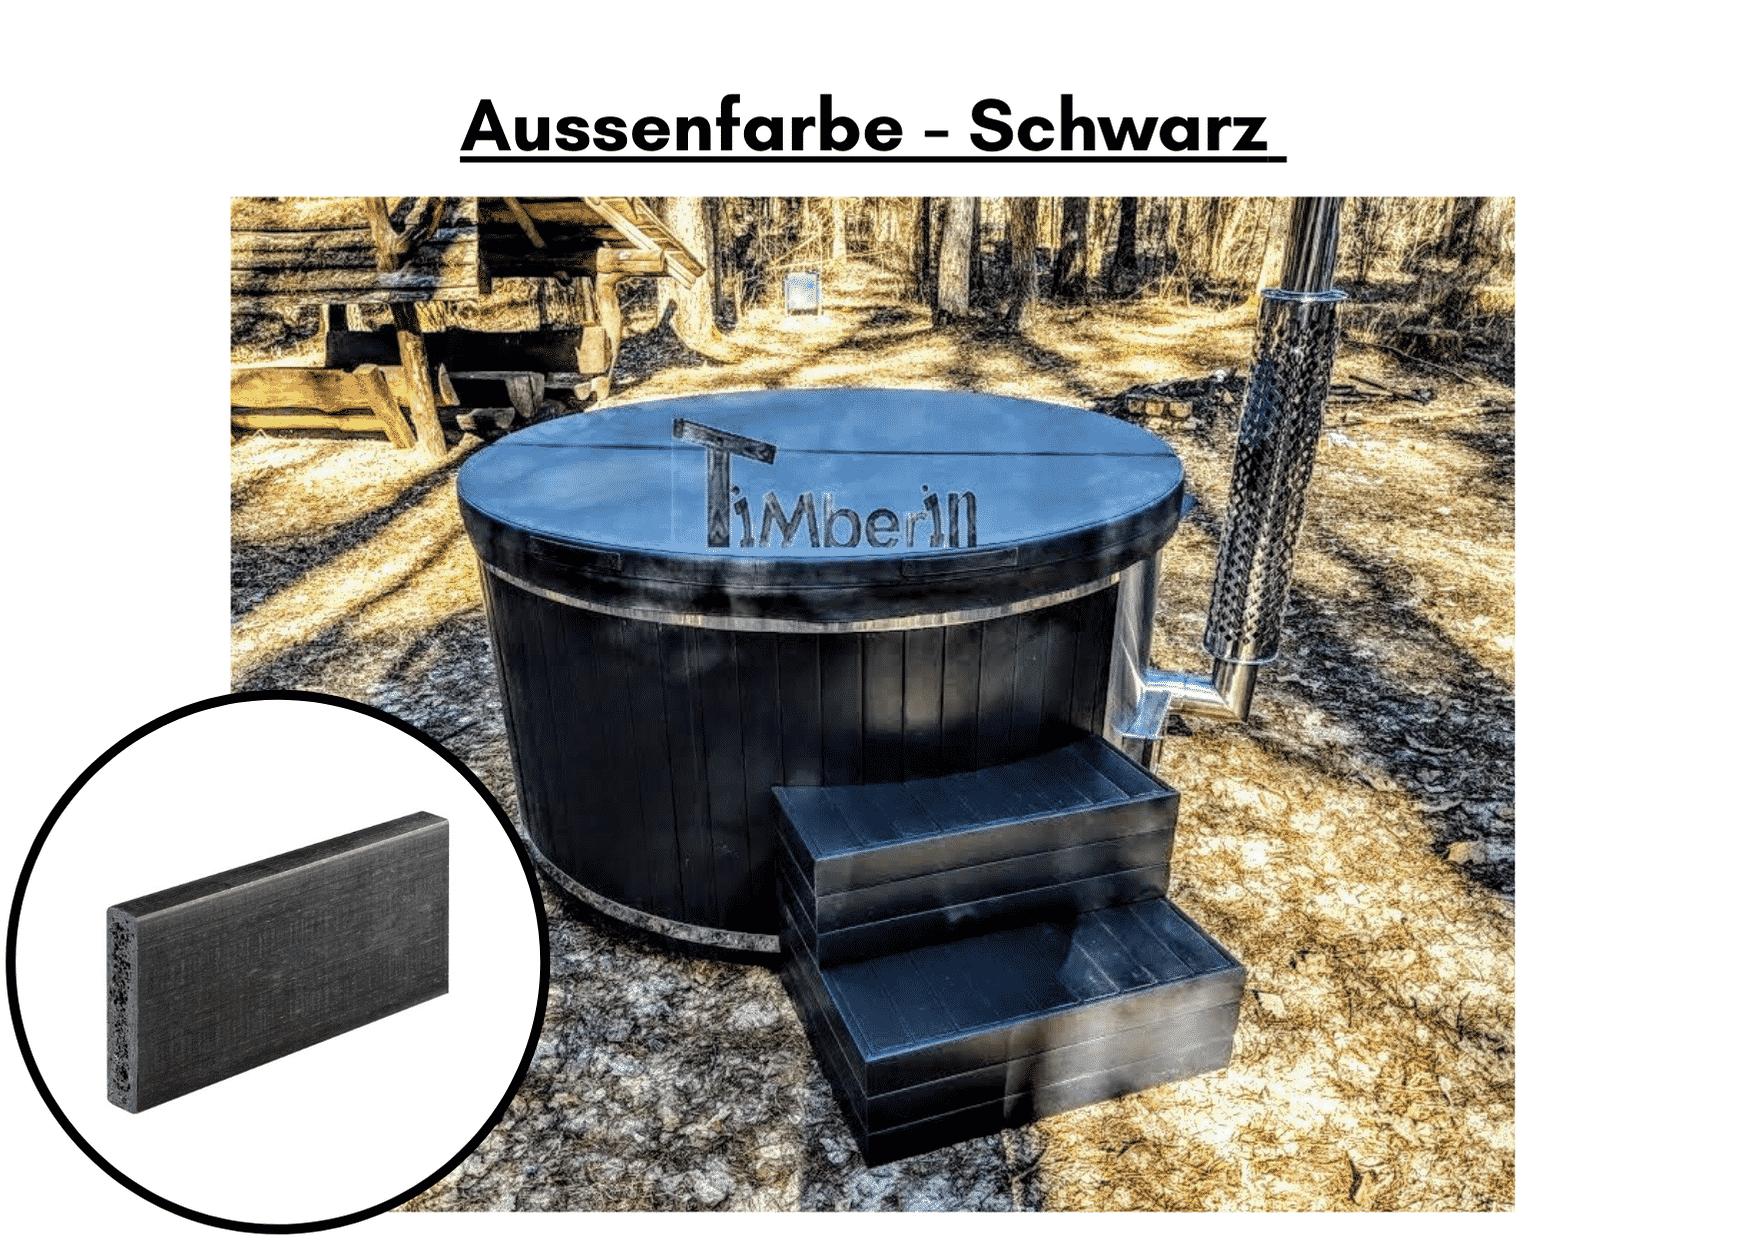 Außenfarbe schwarz für Whirlpool im Freien mit Smart Pelletofen